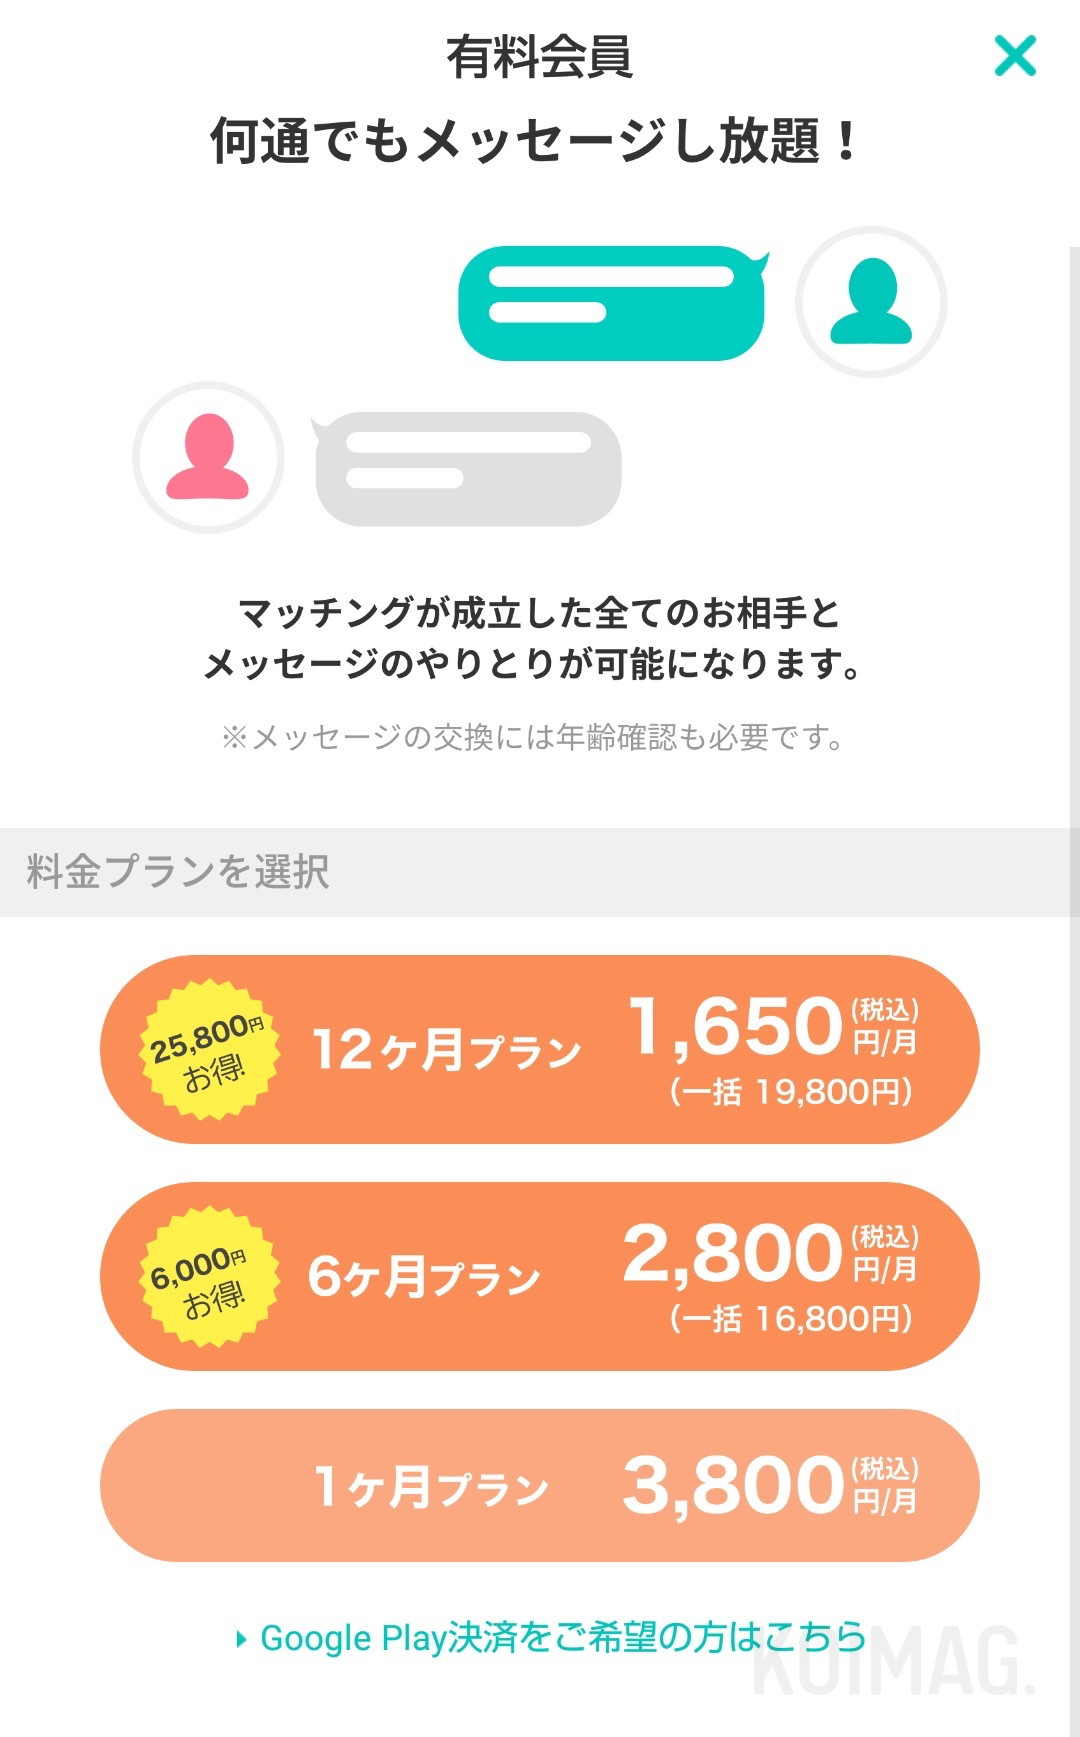 デーティングアプリ『QooN』の有料会員料金は、クレジットカード決済の場合、月額1,650円(税込)〜。1ヶ月プランなら、月額3,800円(税込)。